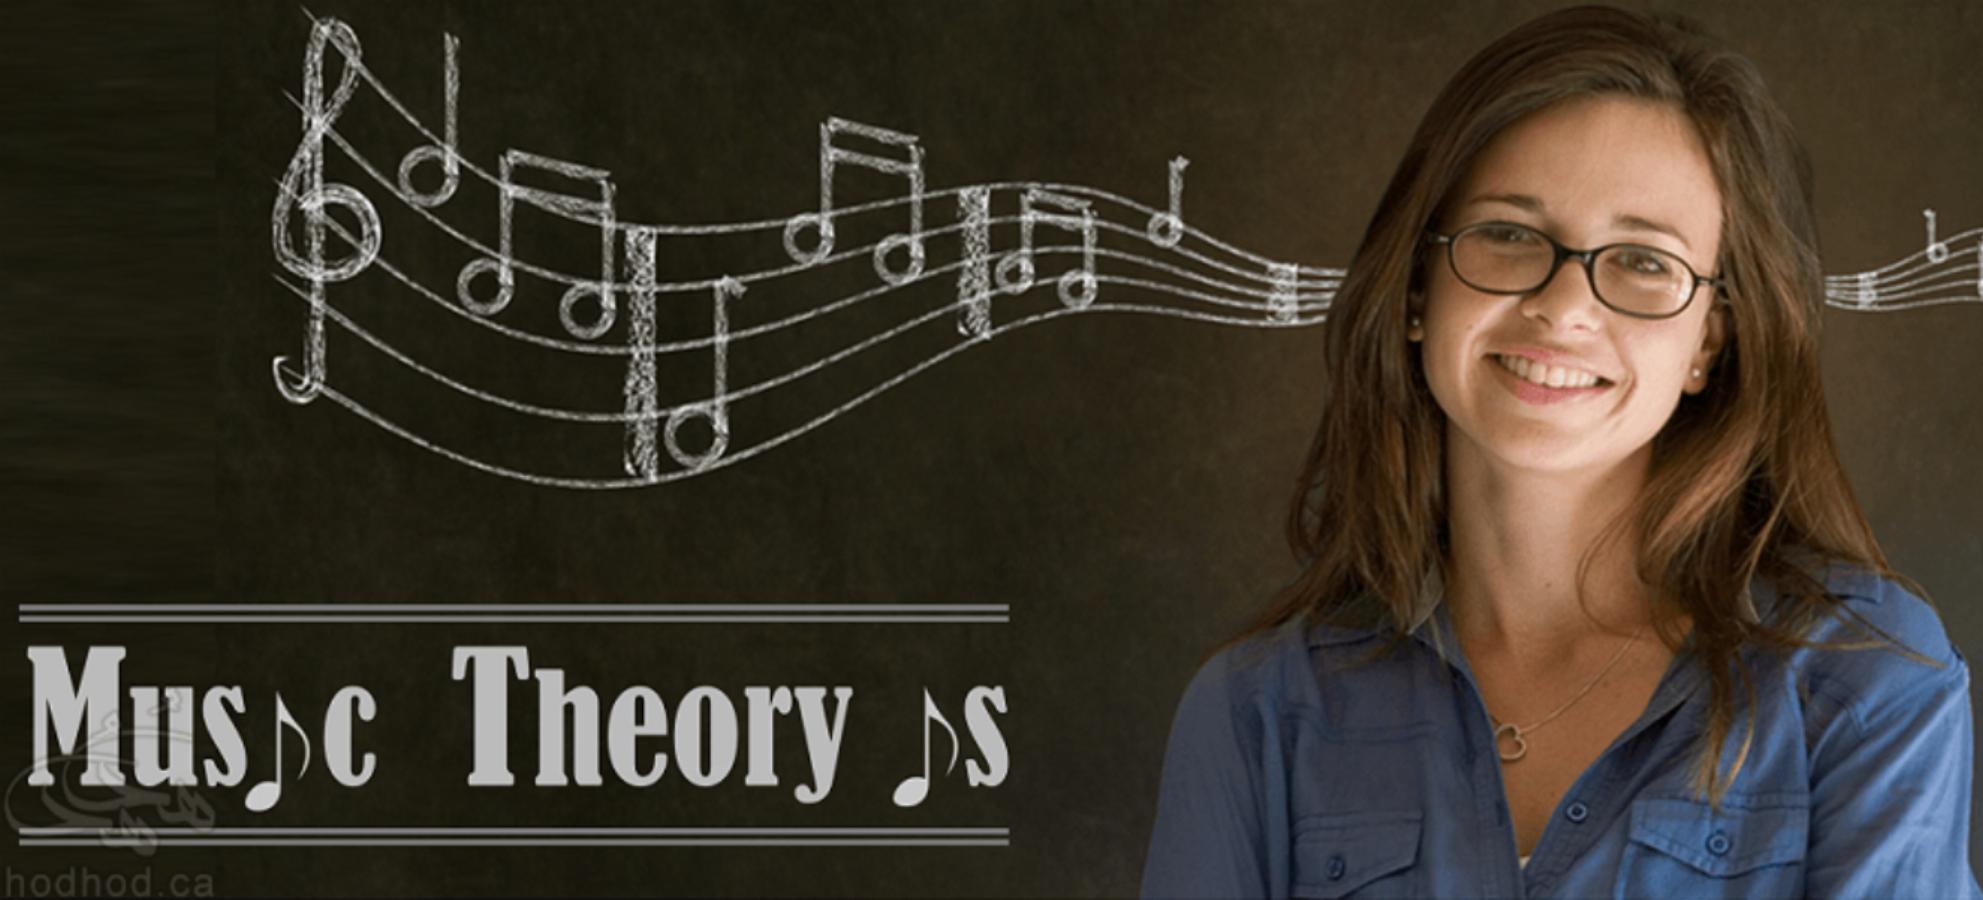 آموزش مقدماتی موسیقی، بخش نخست